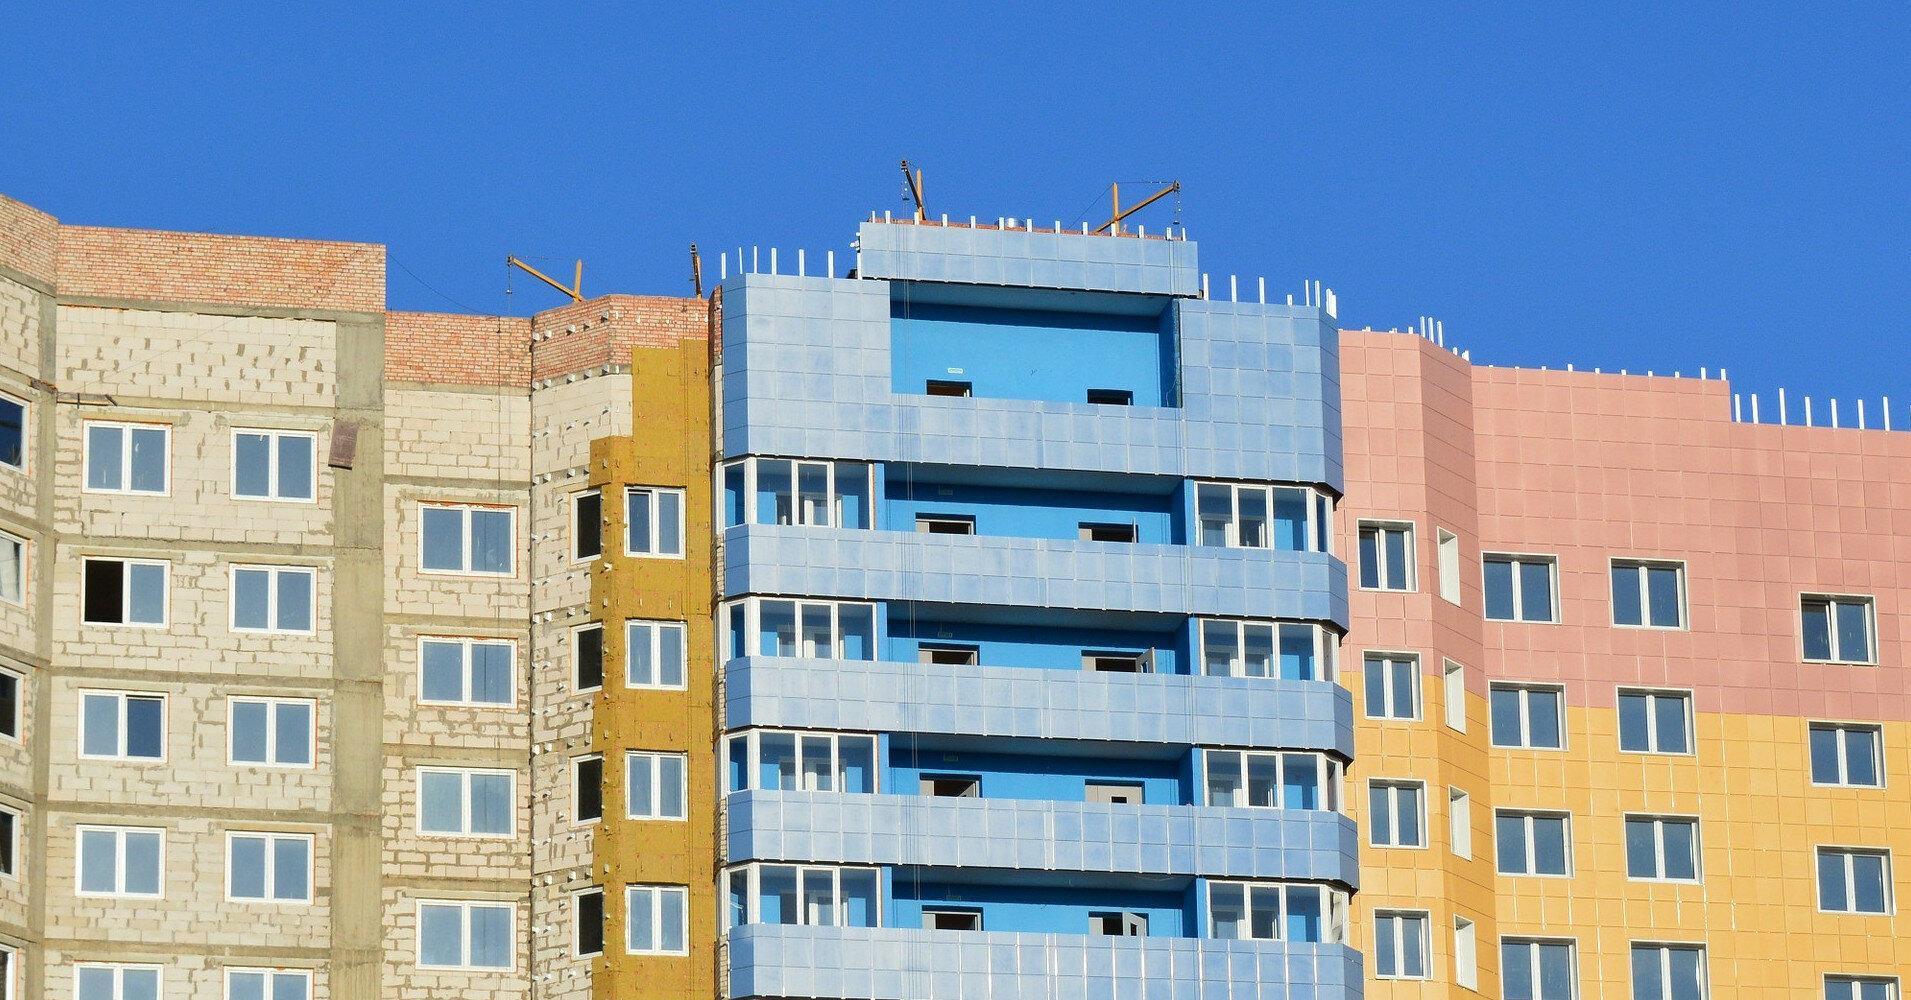 До конца года стоимость квадратного метра в Киеве вырастет на 10-20%